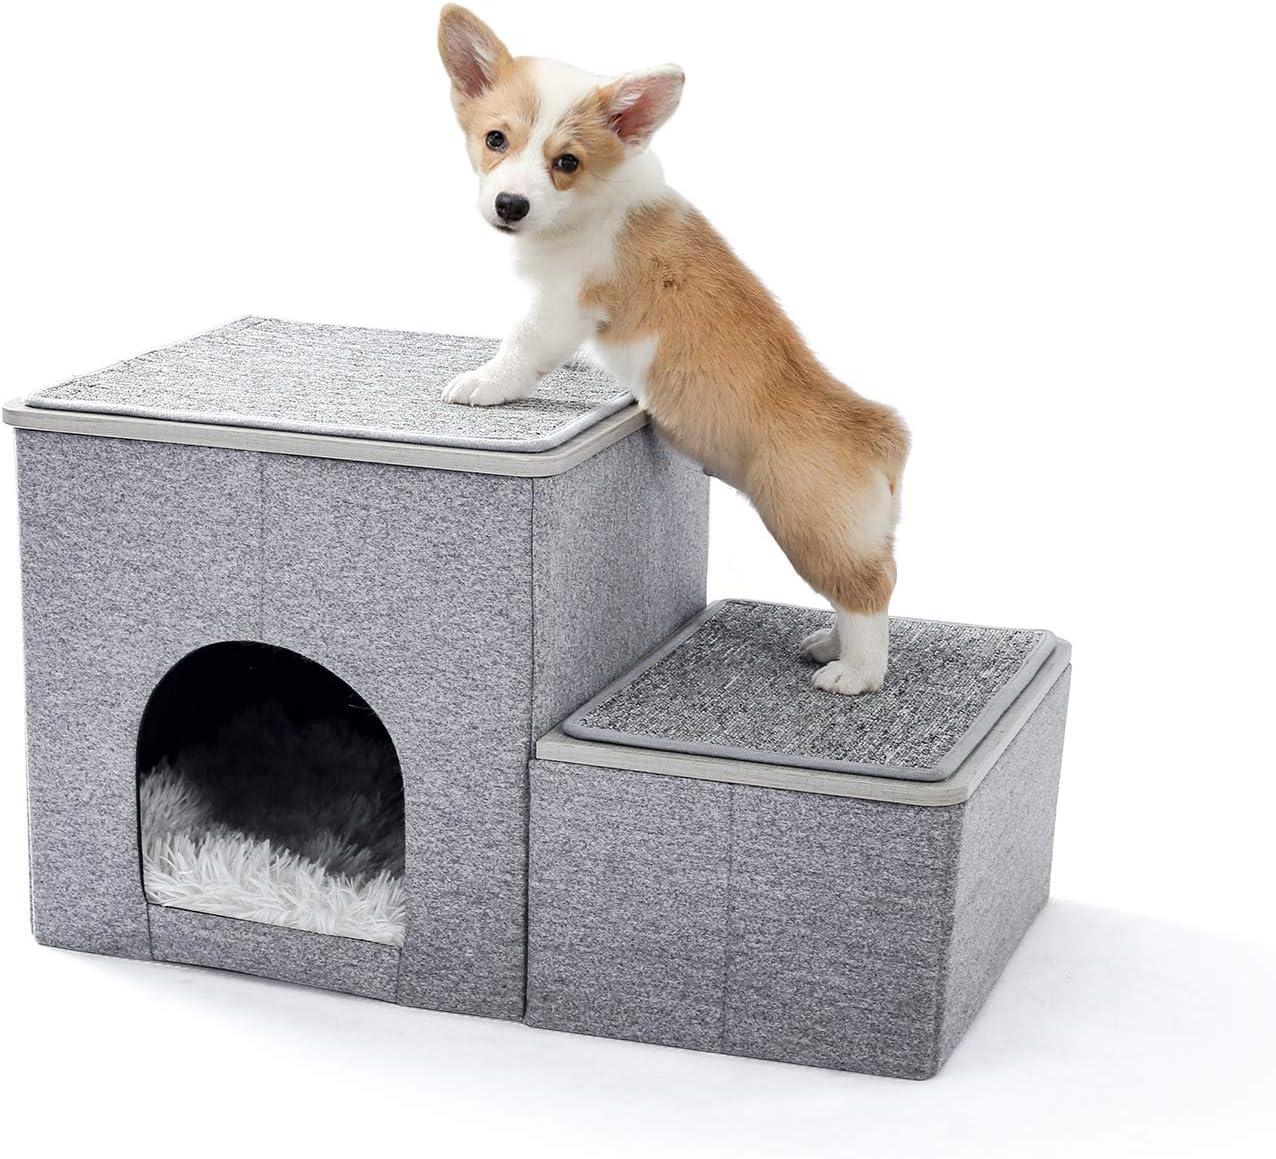 UMI. by Amazon escaleras para Perros pequeños 2 Pasos, Escaleras Plegables et multifuncionales para Cama o automóvil con casa & Caja de Almacenamiento, rampa Escalera para Gatos Perros Gris